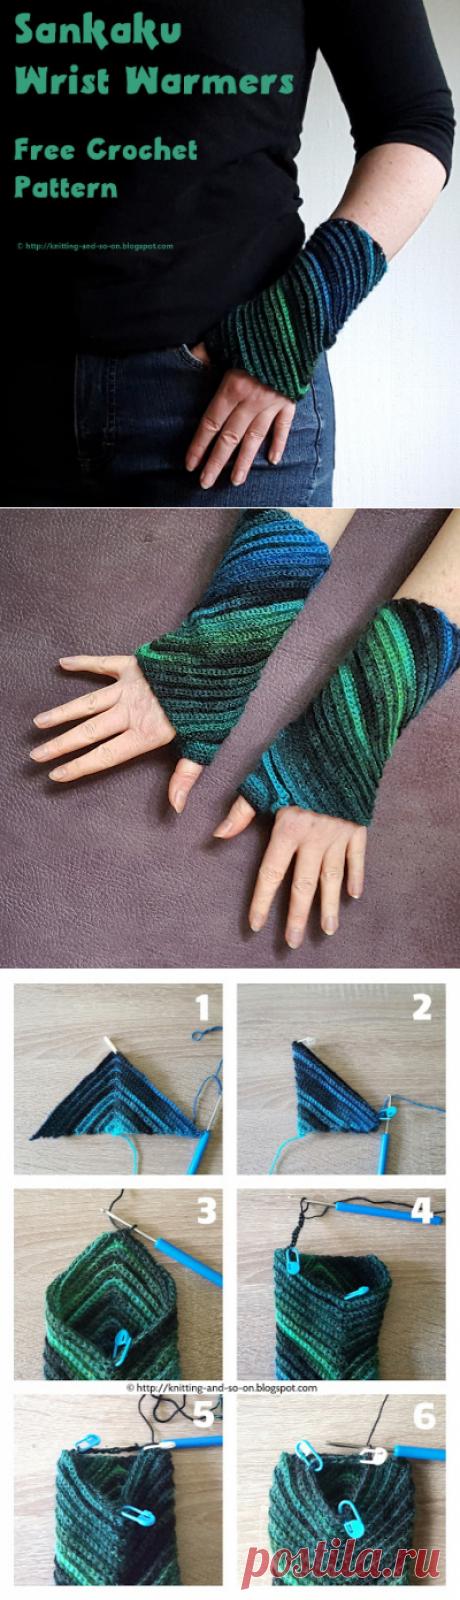 Вязание и так далее: Sankaku наручные гетры в вязании крючком